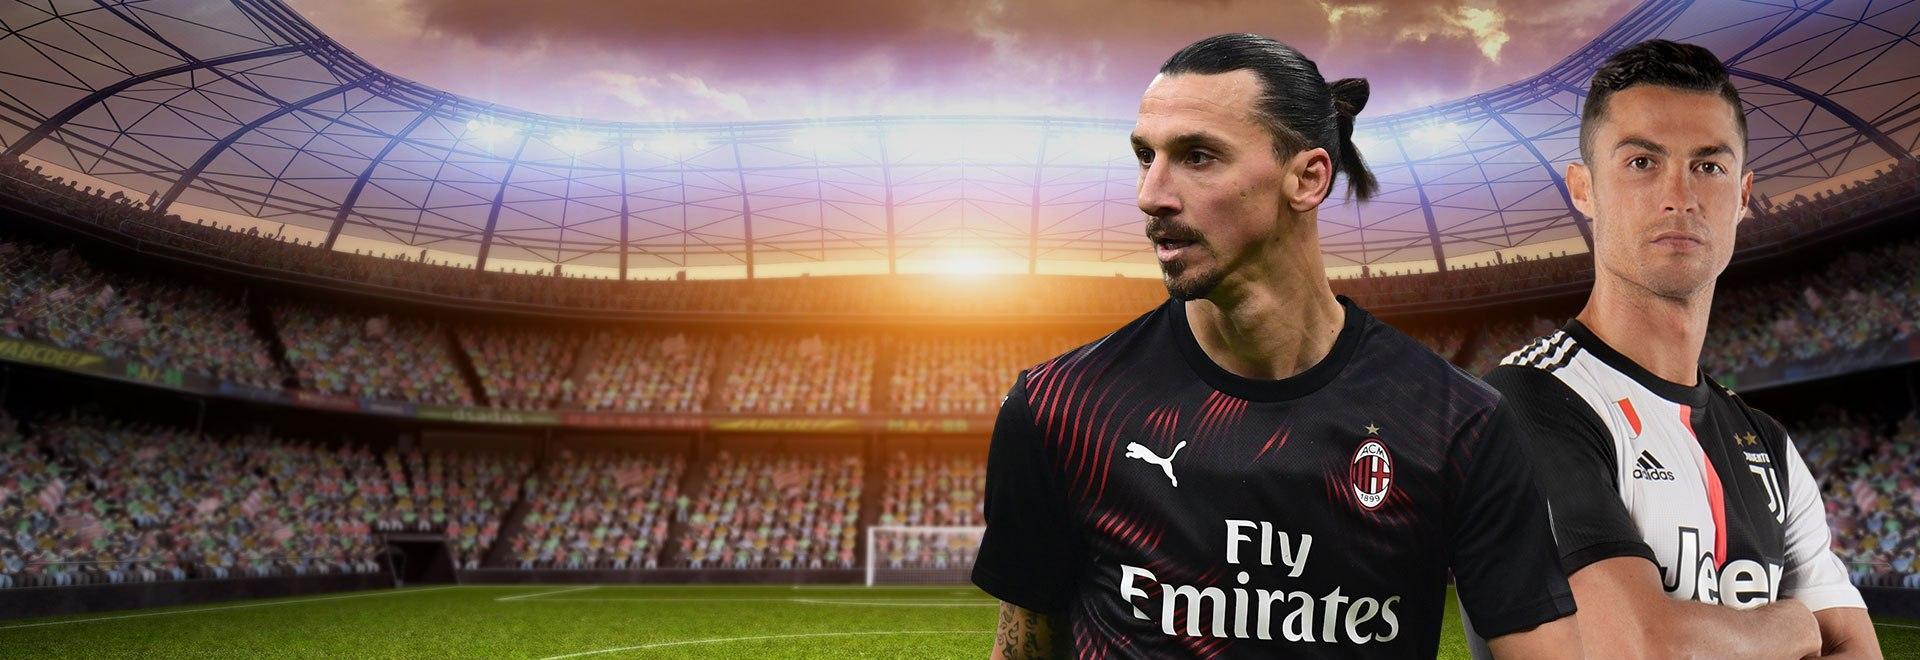 Milan - Juventus. 31a g.